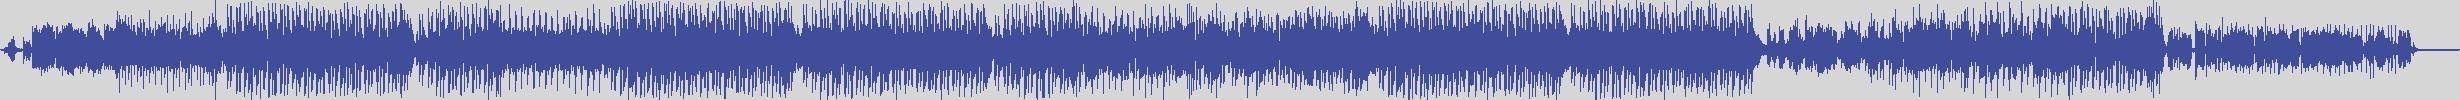 smilax_dig_records [SDR001] Alejandro El Temible - Si Yo Pudiera [Original Mix] audio wave form